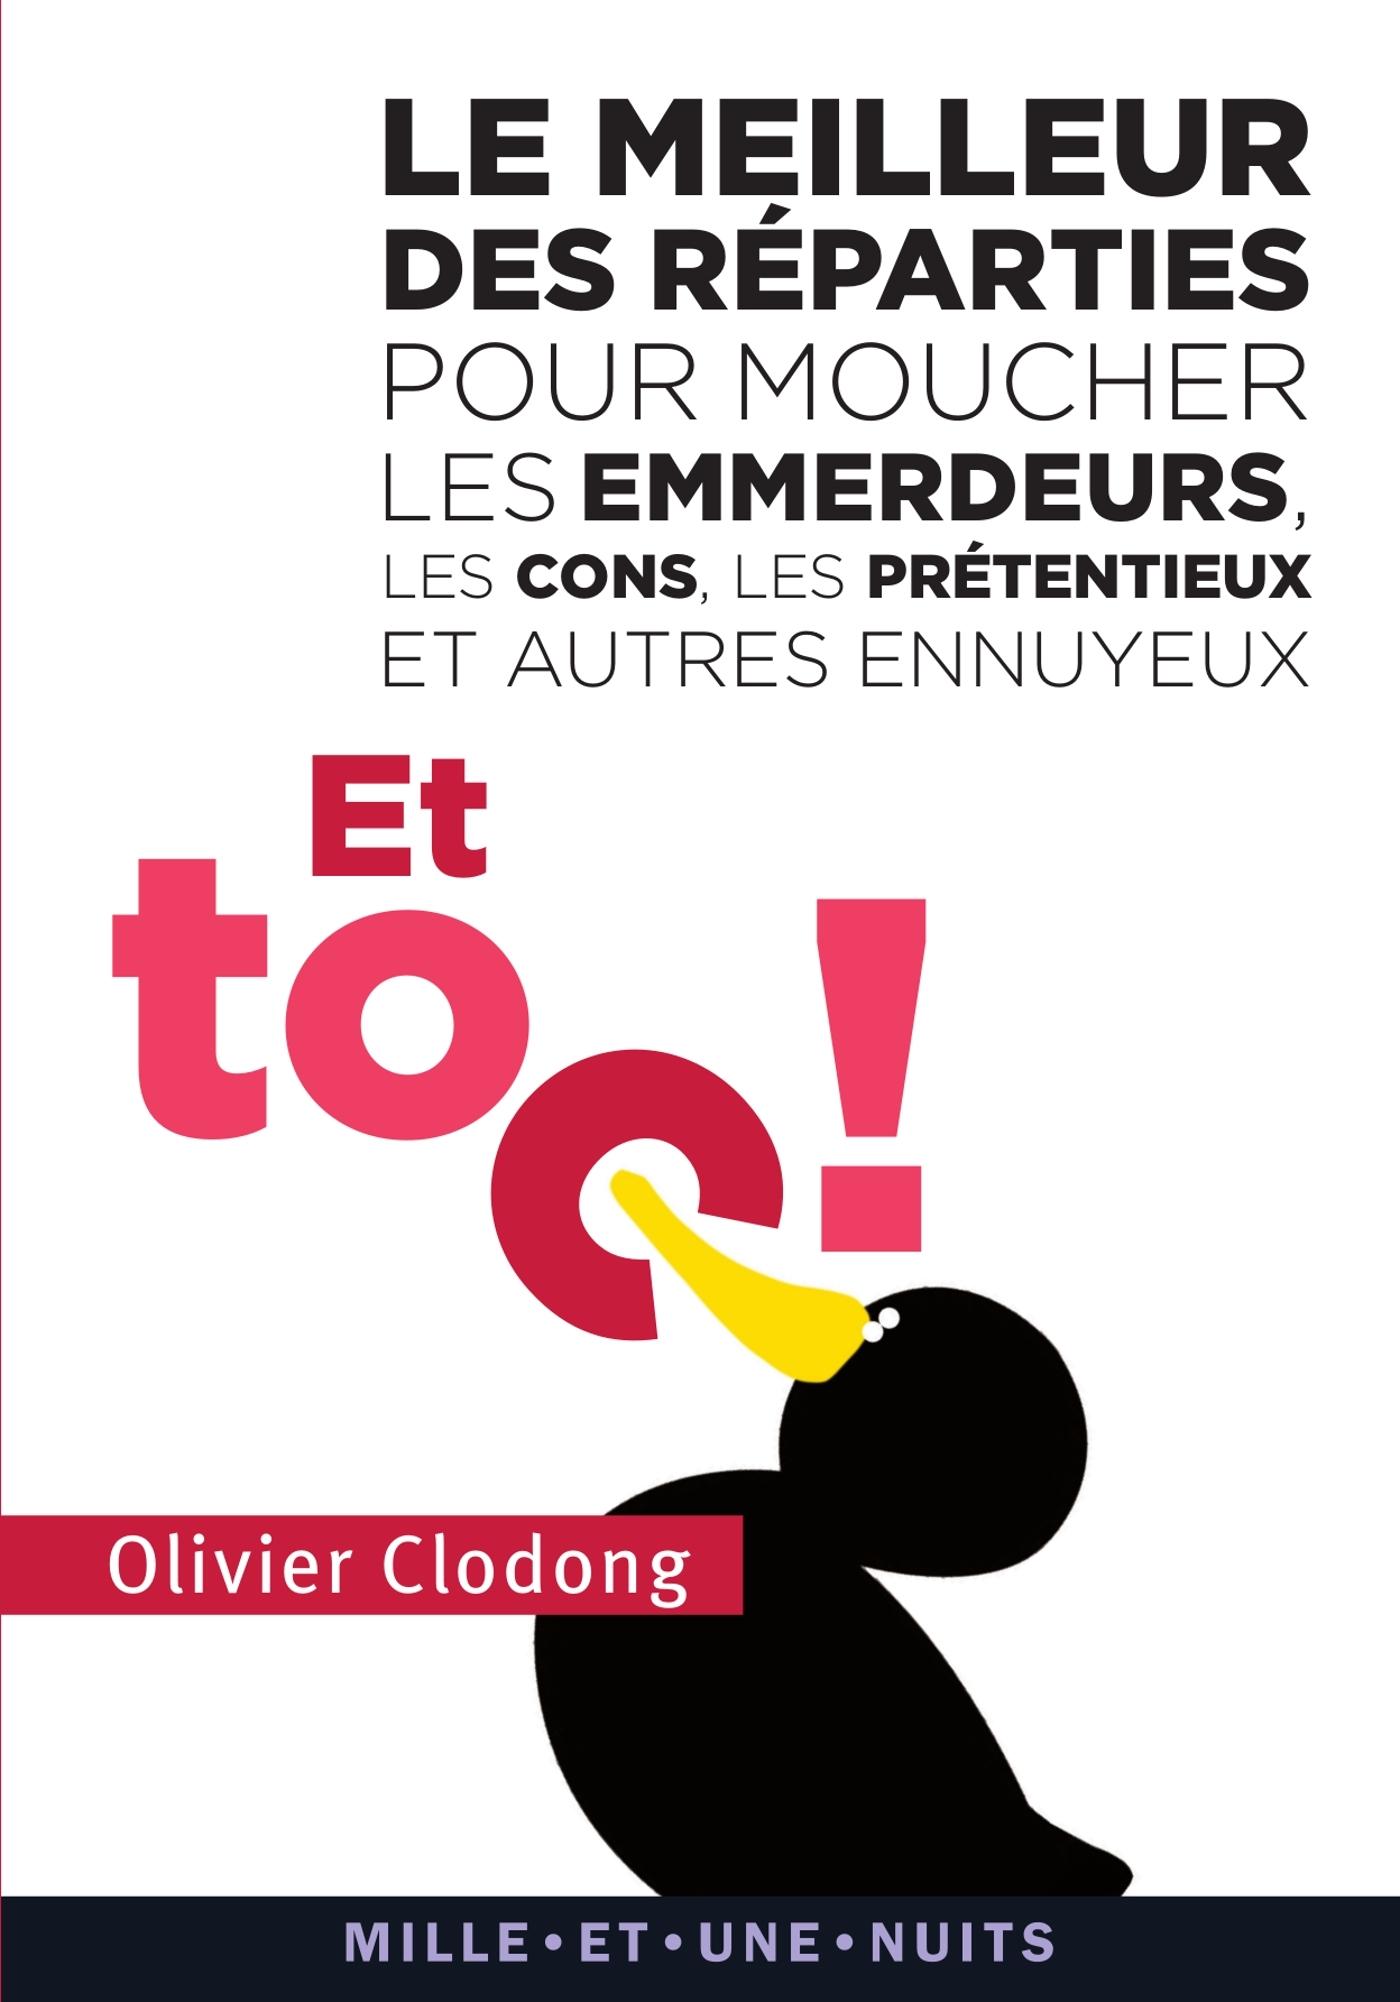 ET TOC ! LE MEILLEUR DES REPARTIES POUR MOUCHER LES EMMERDEURS, LES CONS, LES PRETENTIEUX ET AUTRES